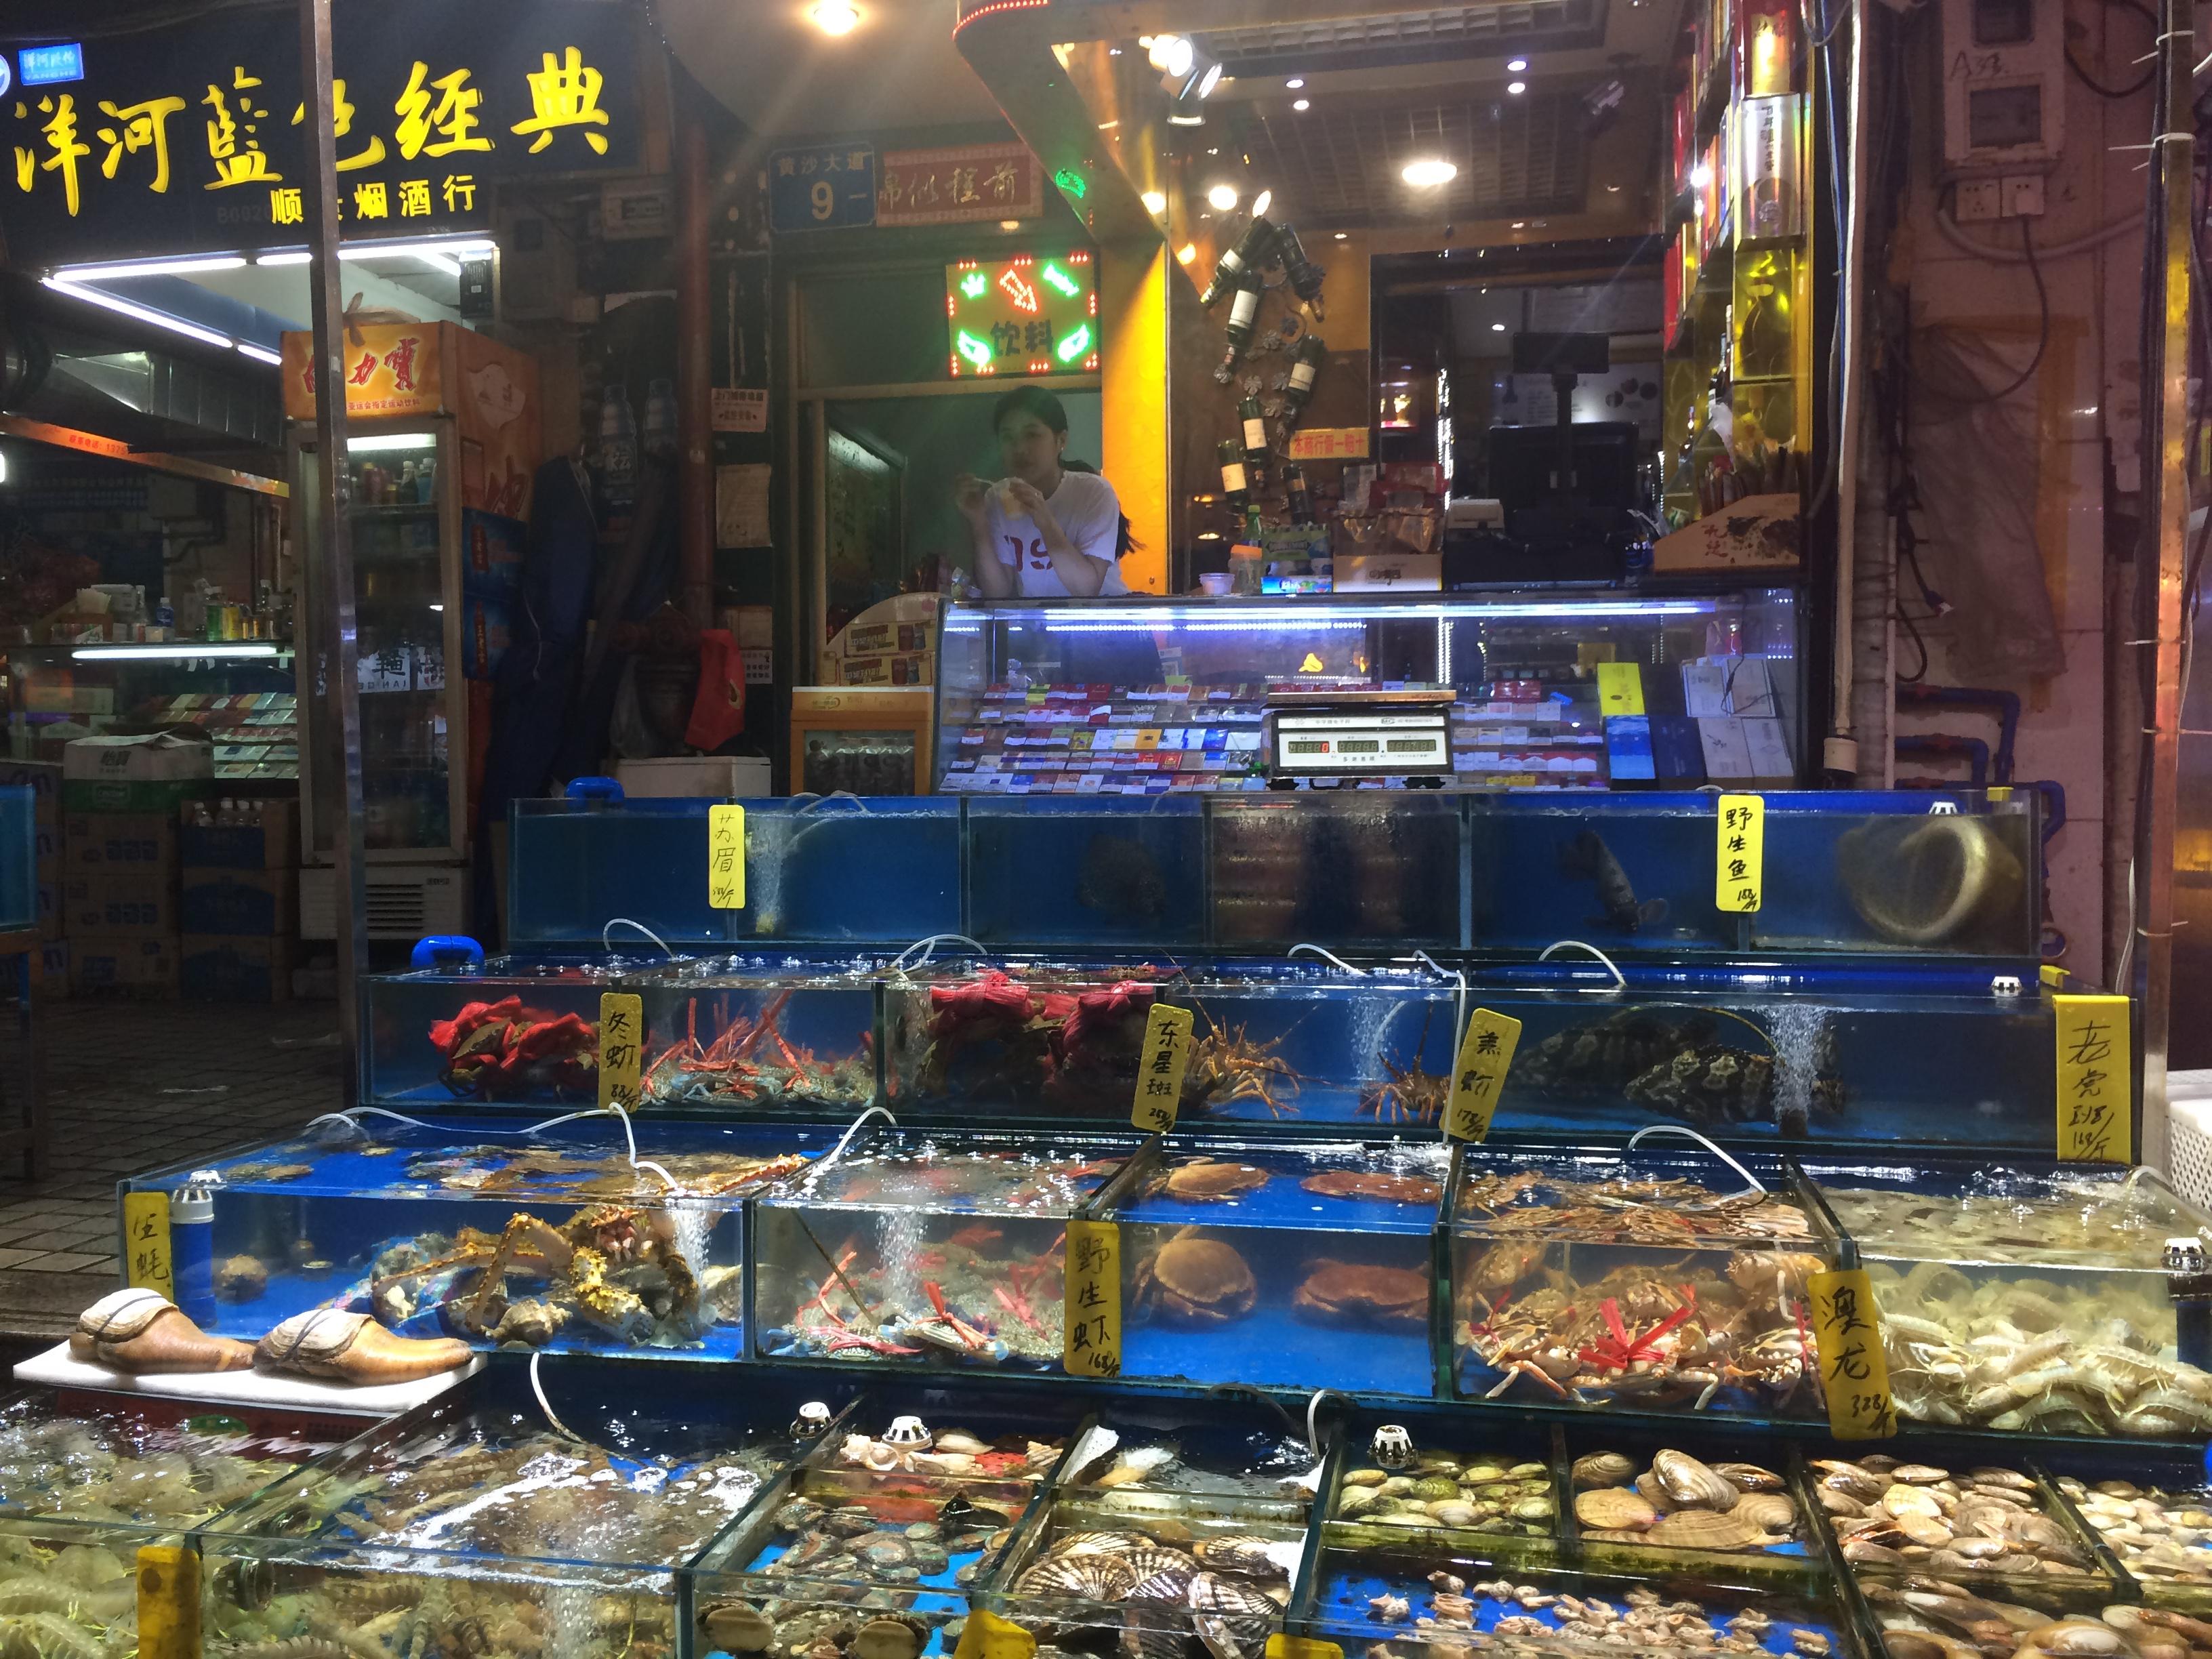 Результат пошуку зображень за запитом рибний ринок у китаї